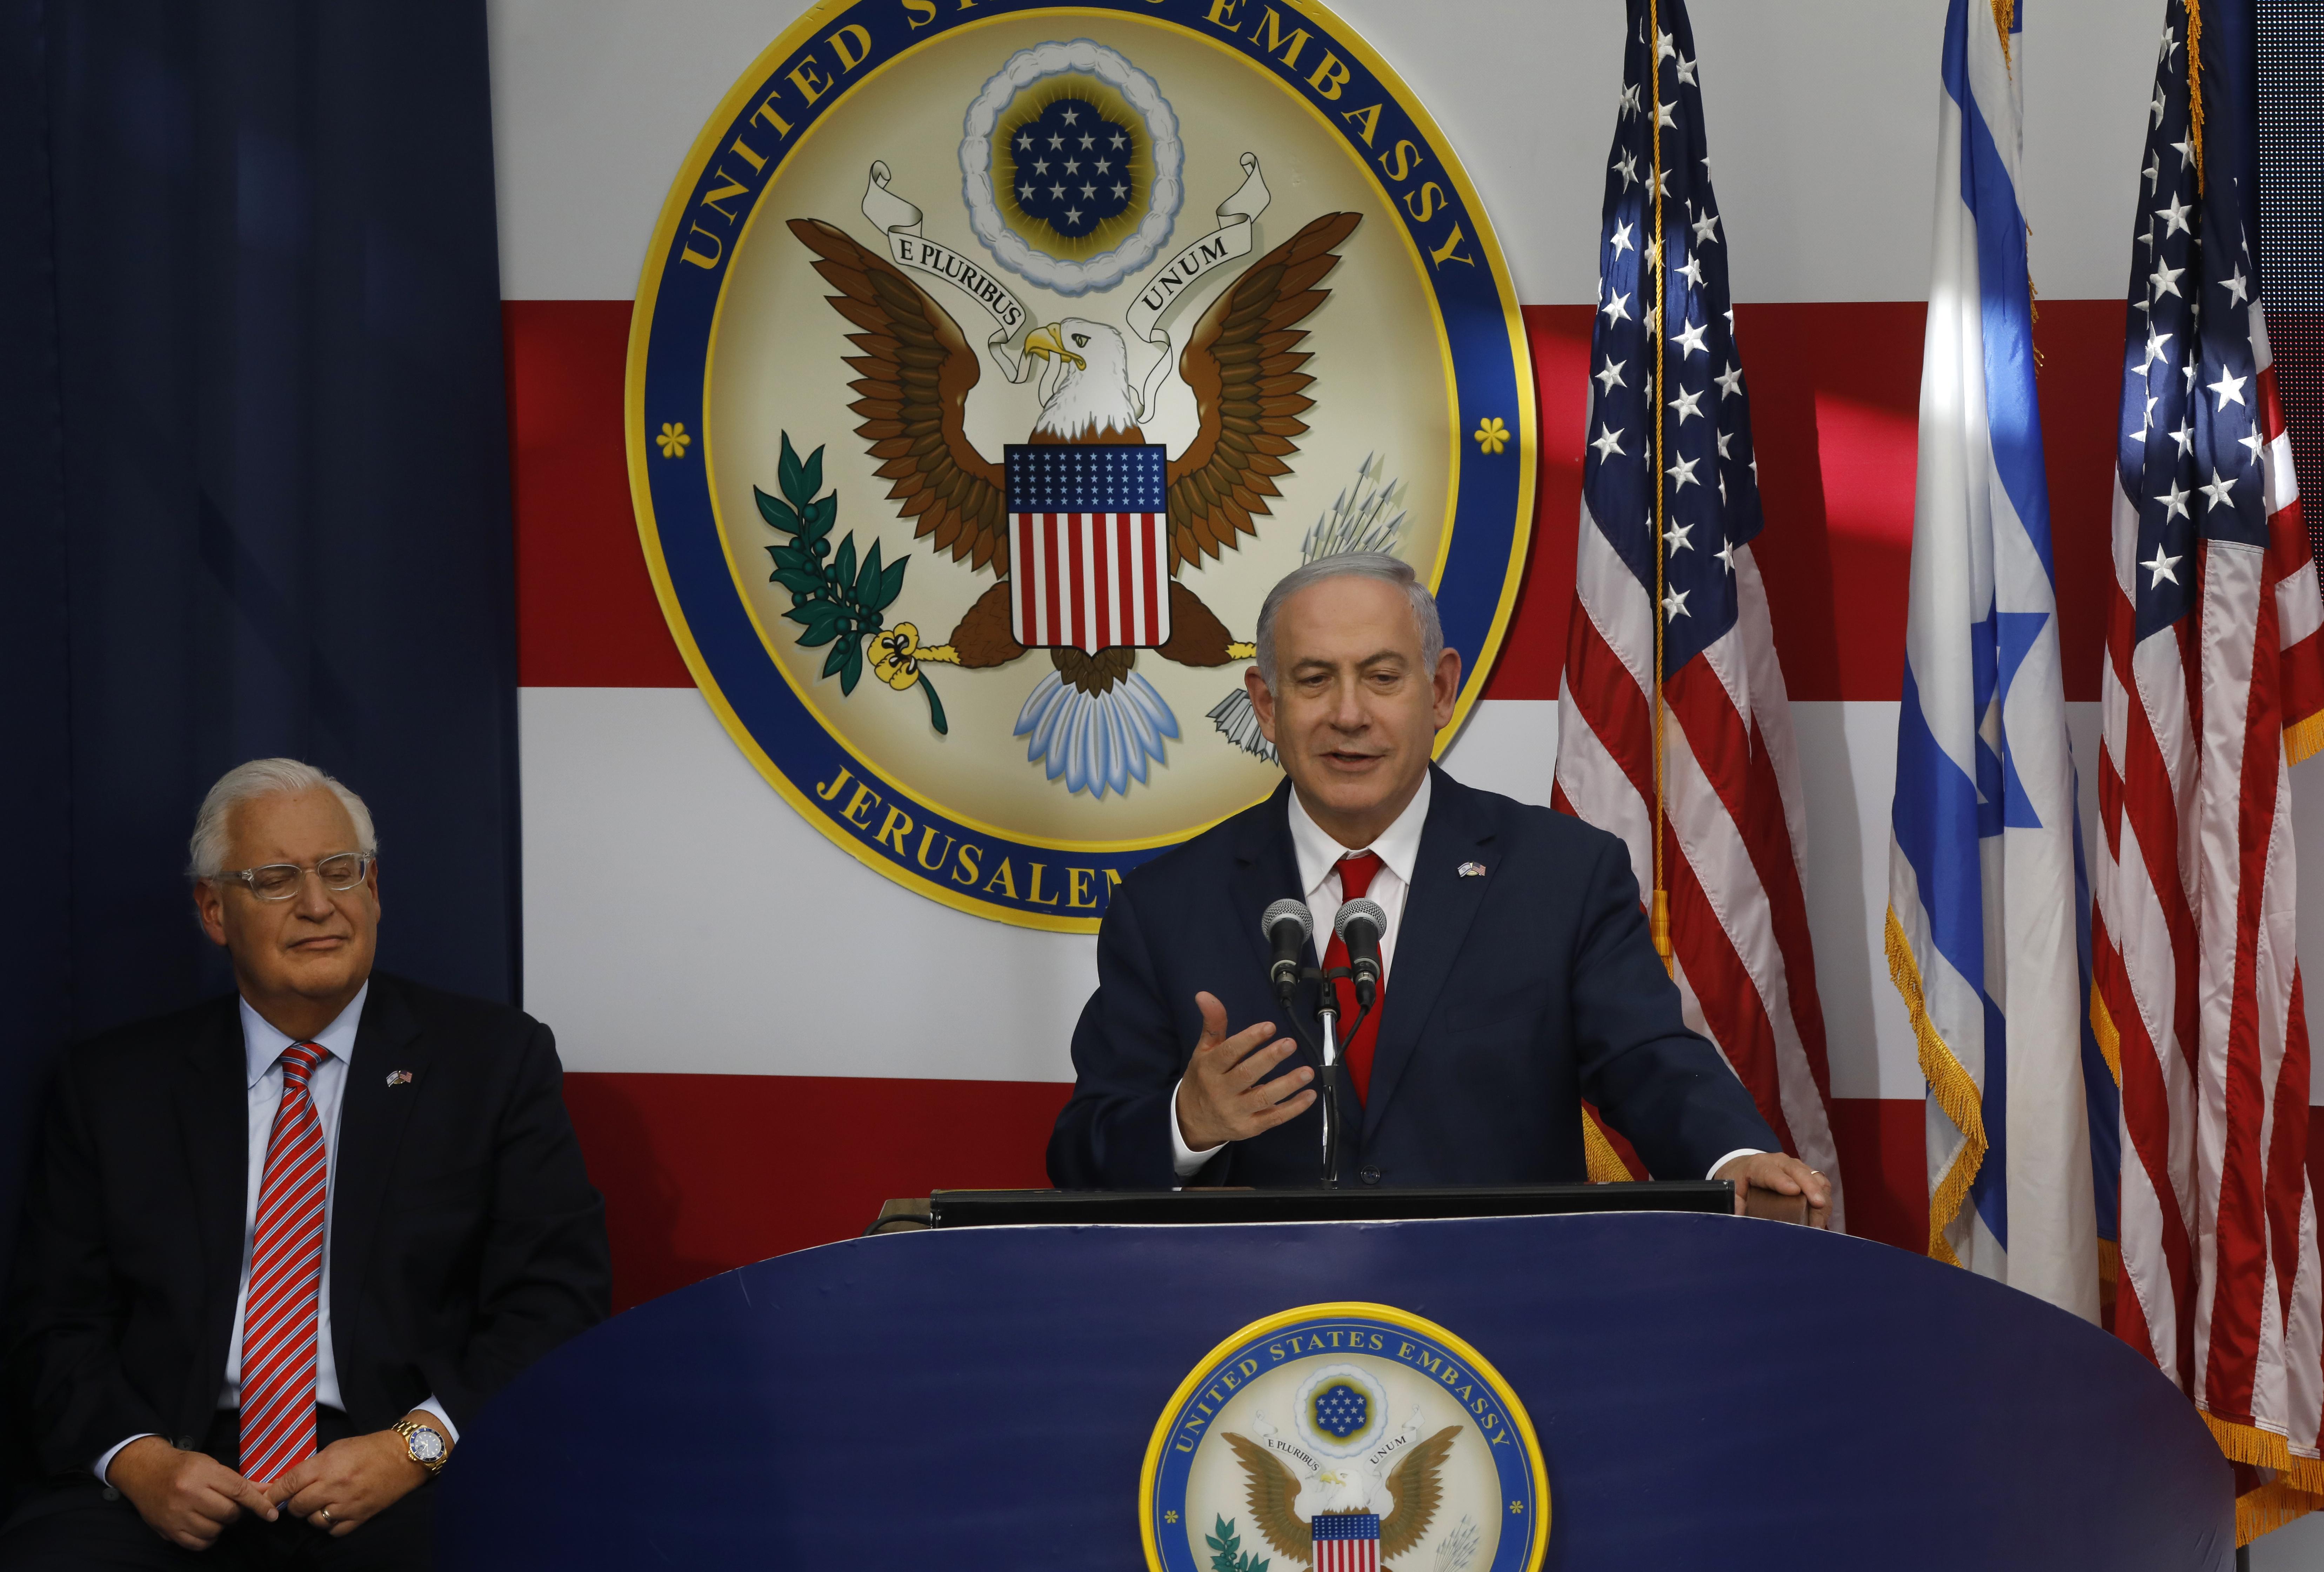 El primer ministro de Israel, Benjamin Netanyahu, durante la ceremonia (AFP)